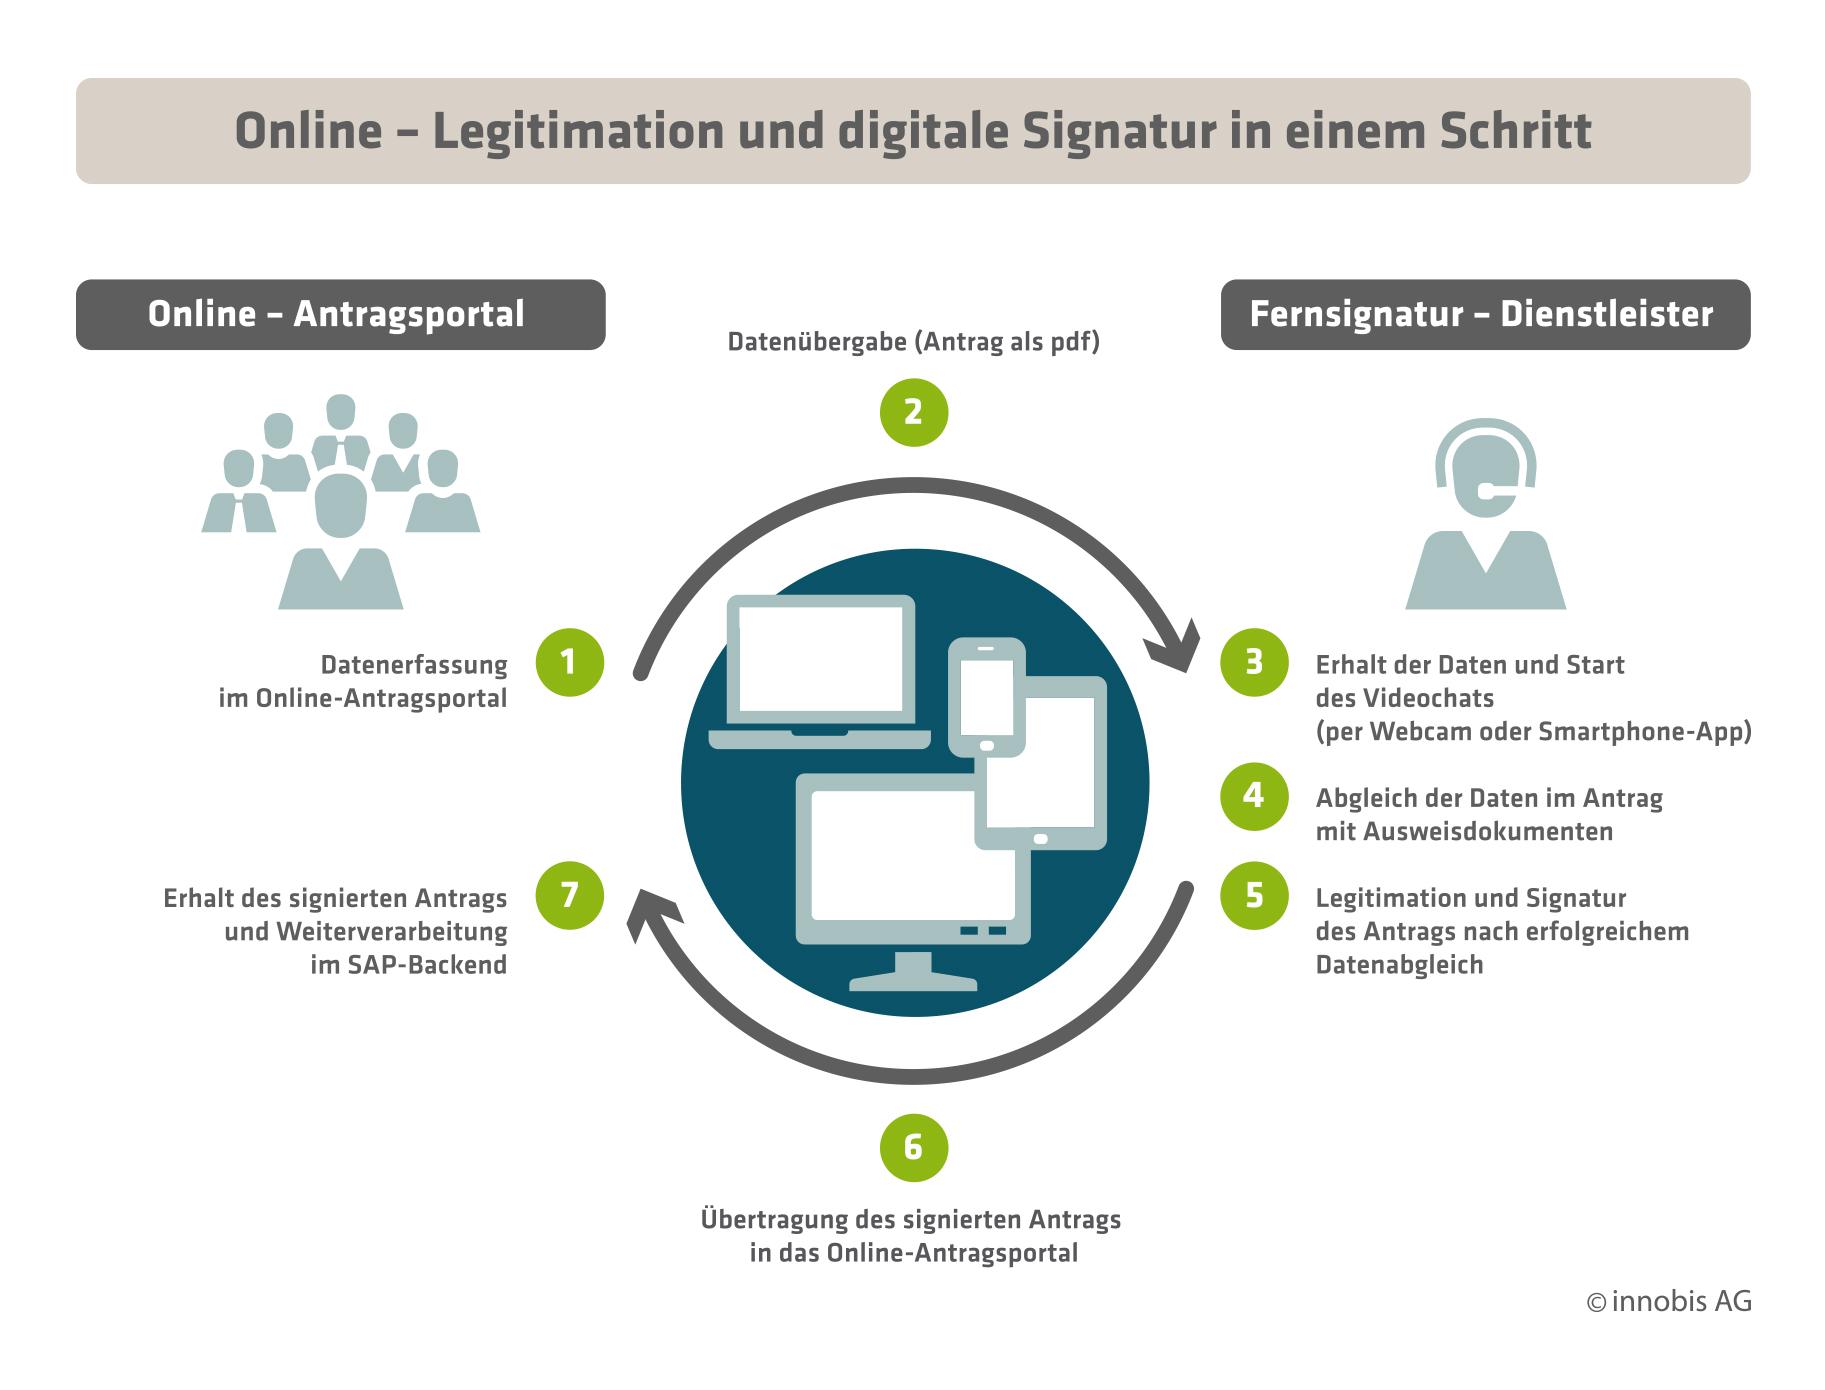 innobis AG: Online-Legitimation und digitale Signatur